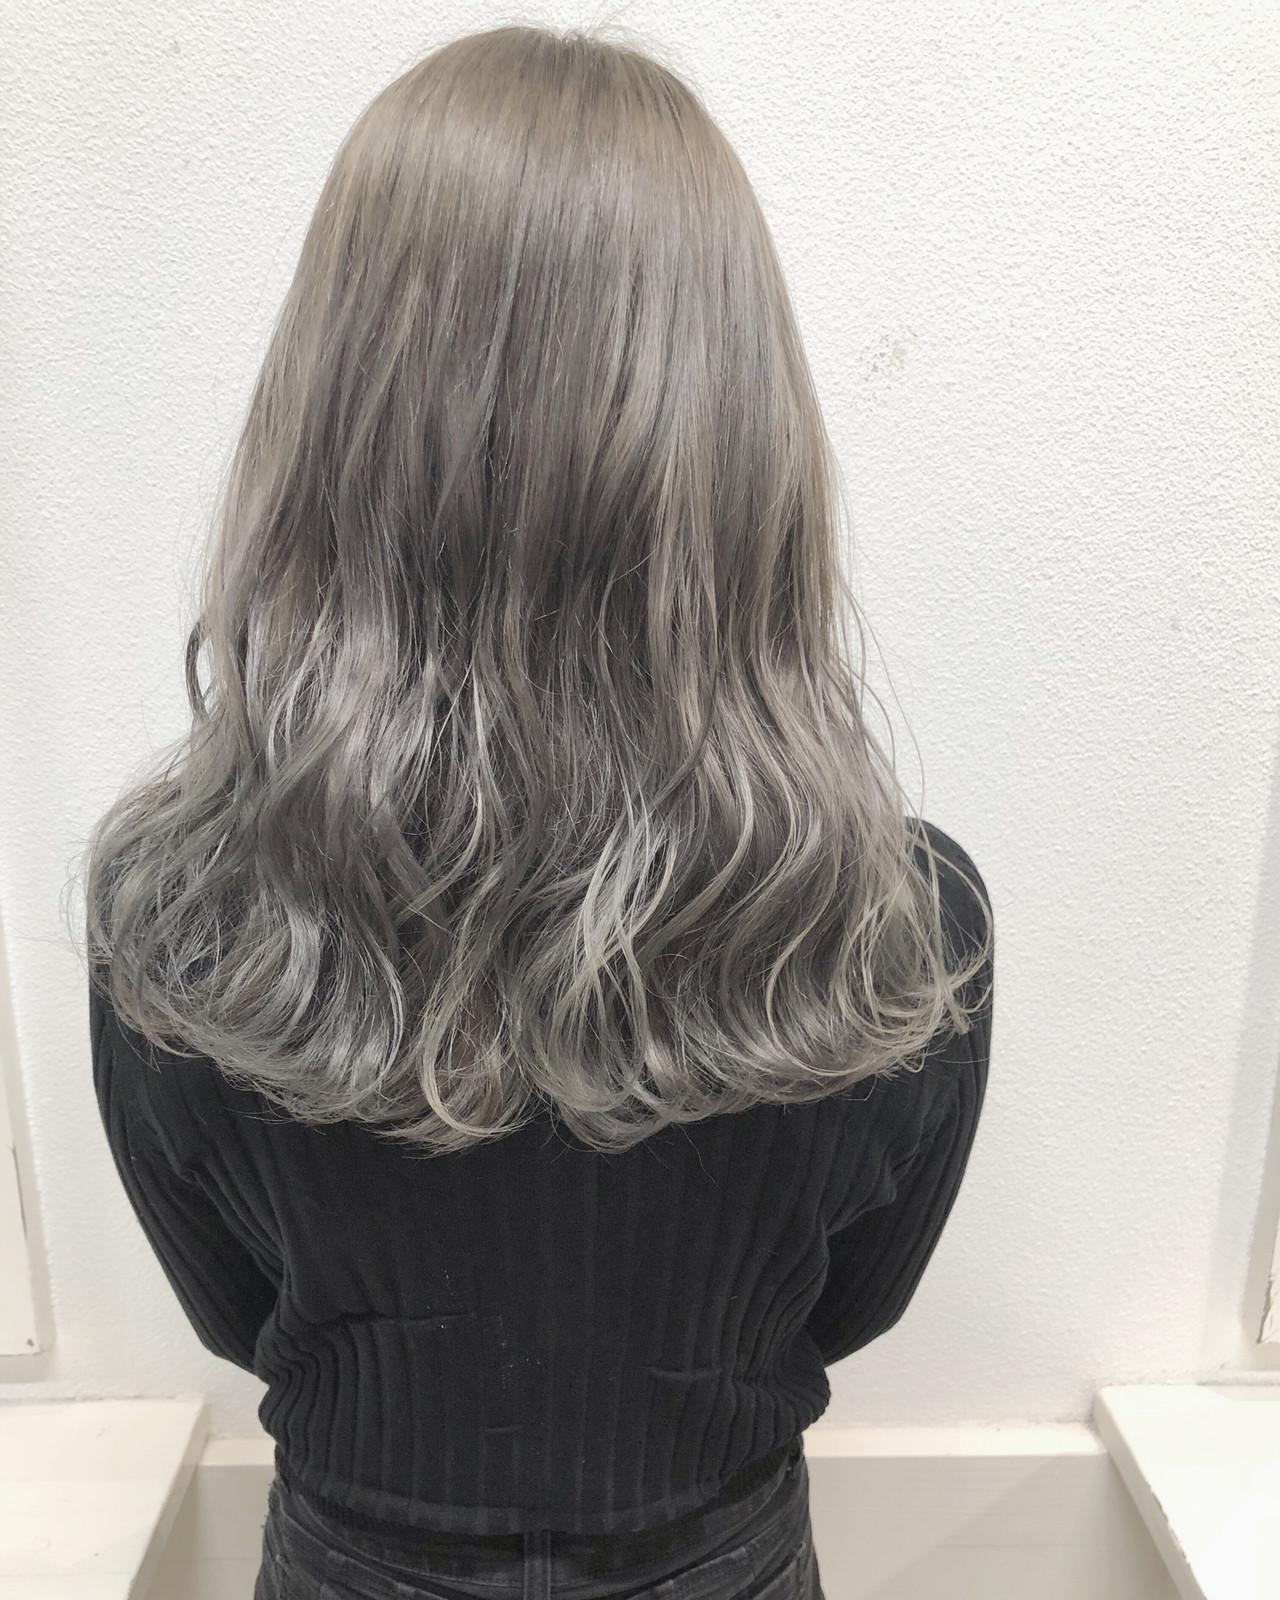 バレイヤージュ コントラストハイライト セミロング 外国人風カラー ヘアスタイルや髪型の写真・画像